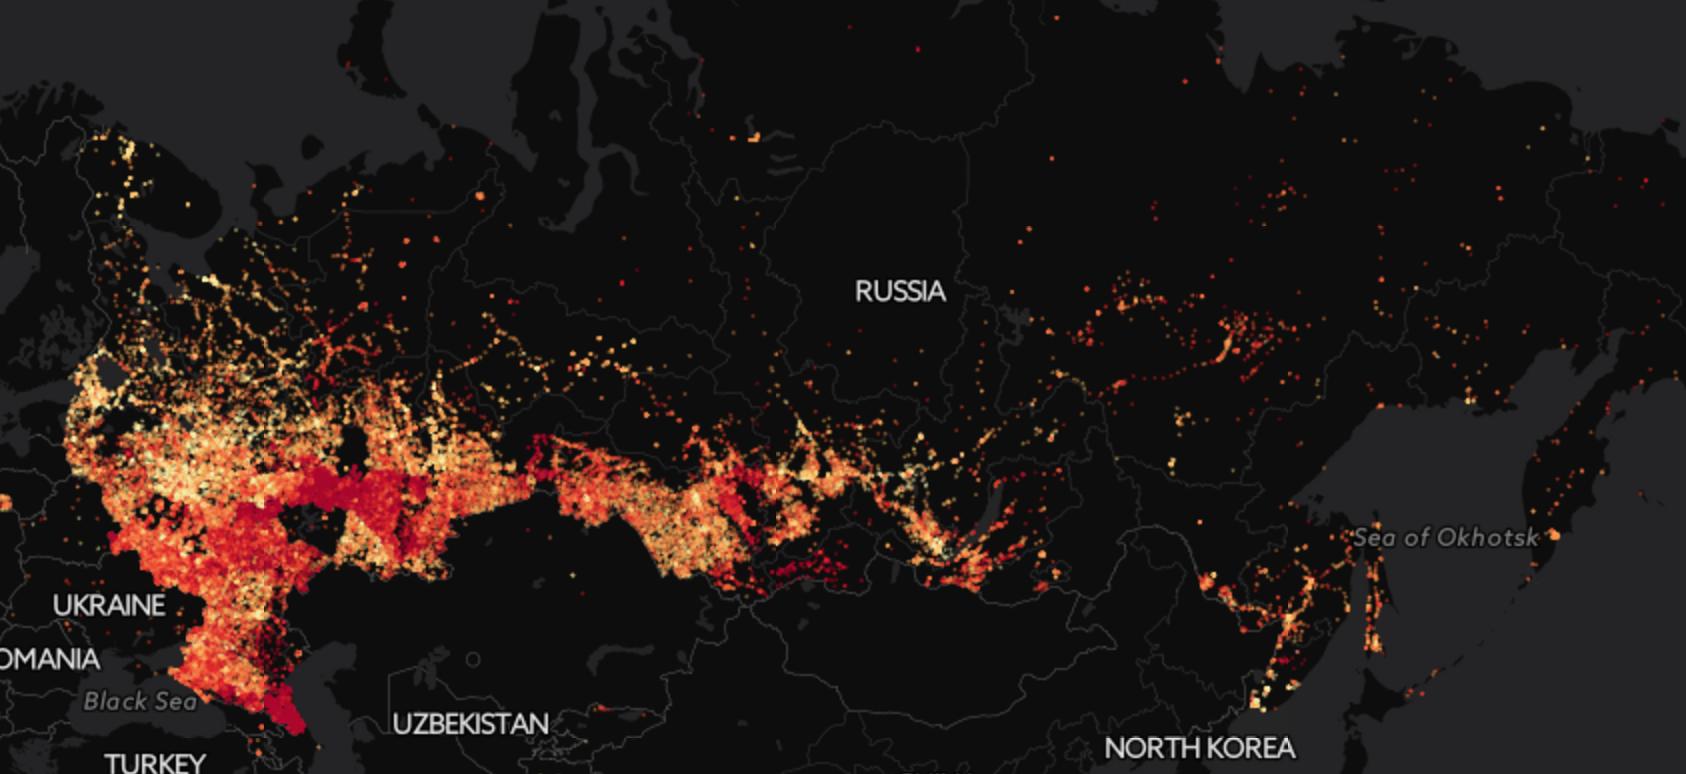 Анализ результатов выборов в Госдуму. Готовимся к голосованию 2016 года - 8